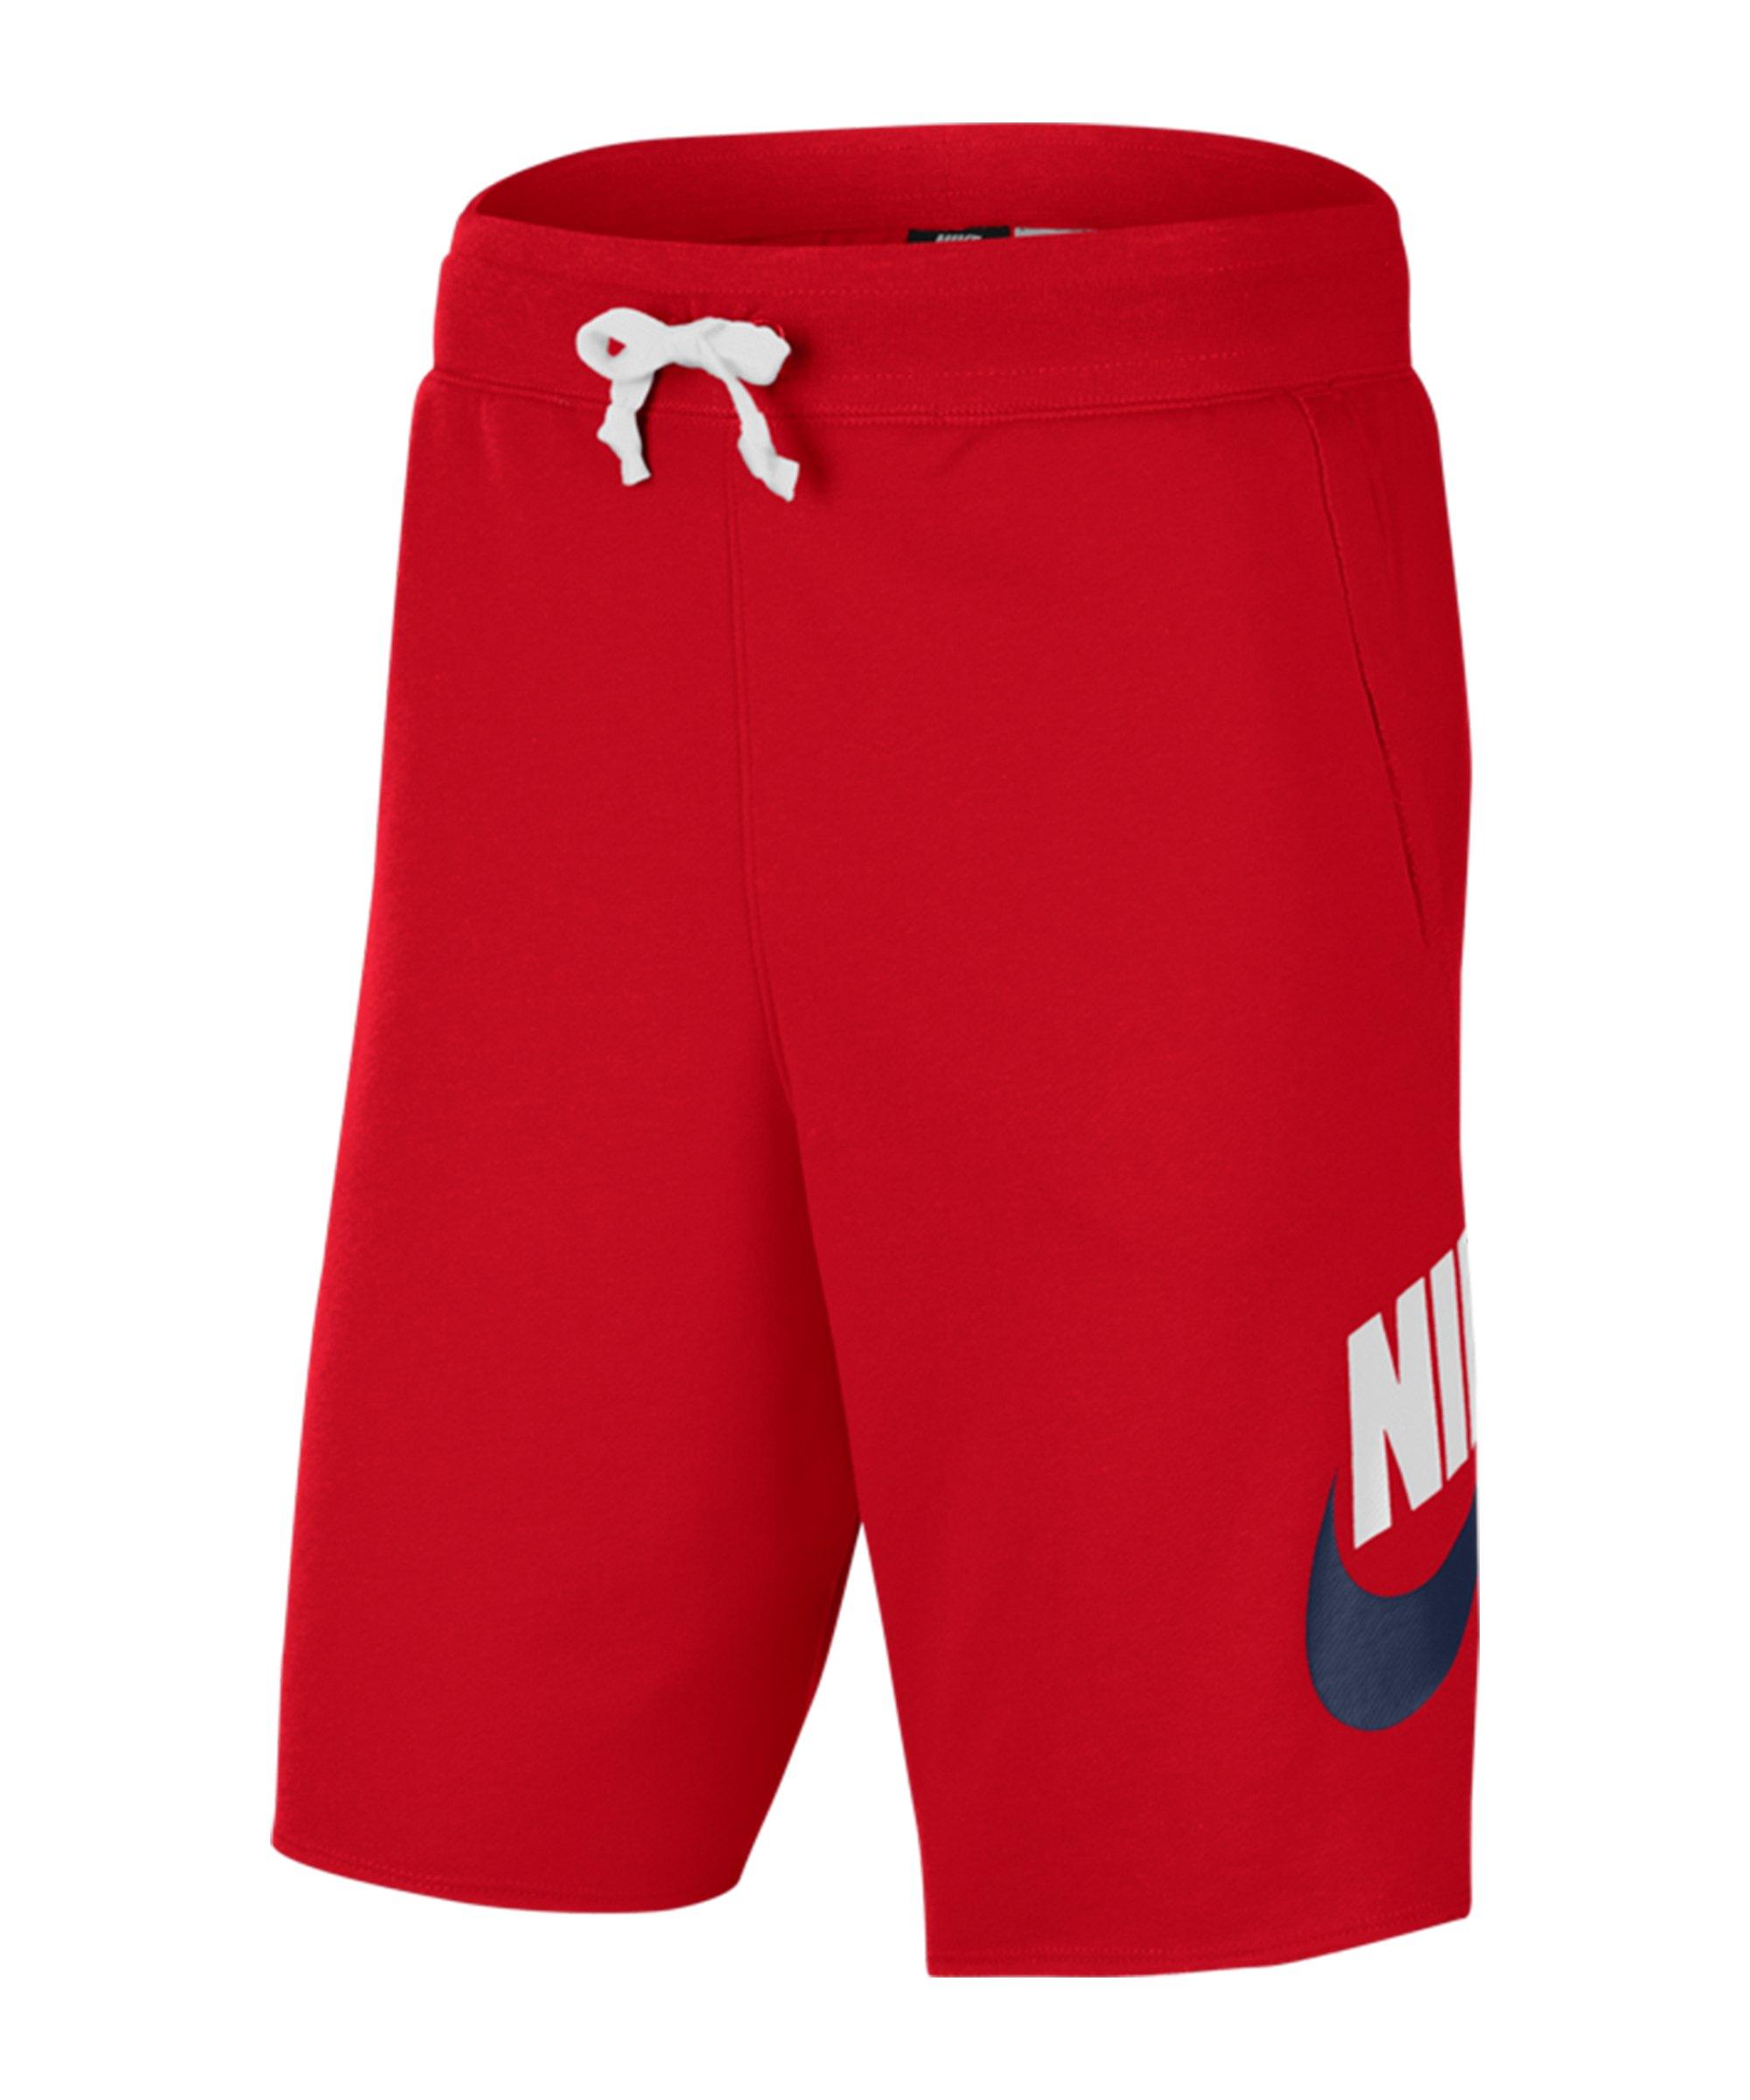 Nike Sportswear Alumni Short Rot Weiss Blau F659 - rot